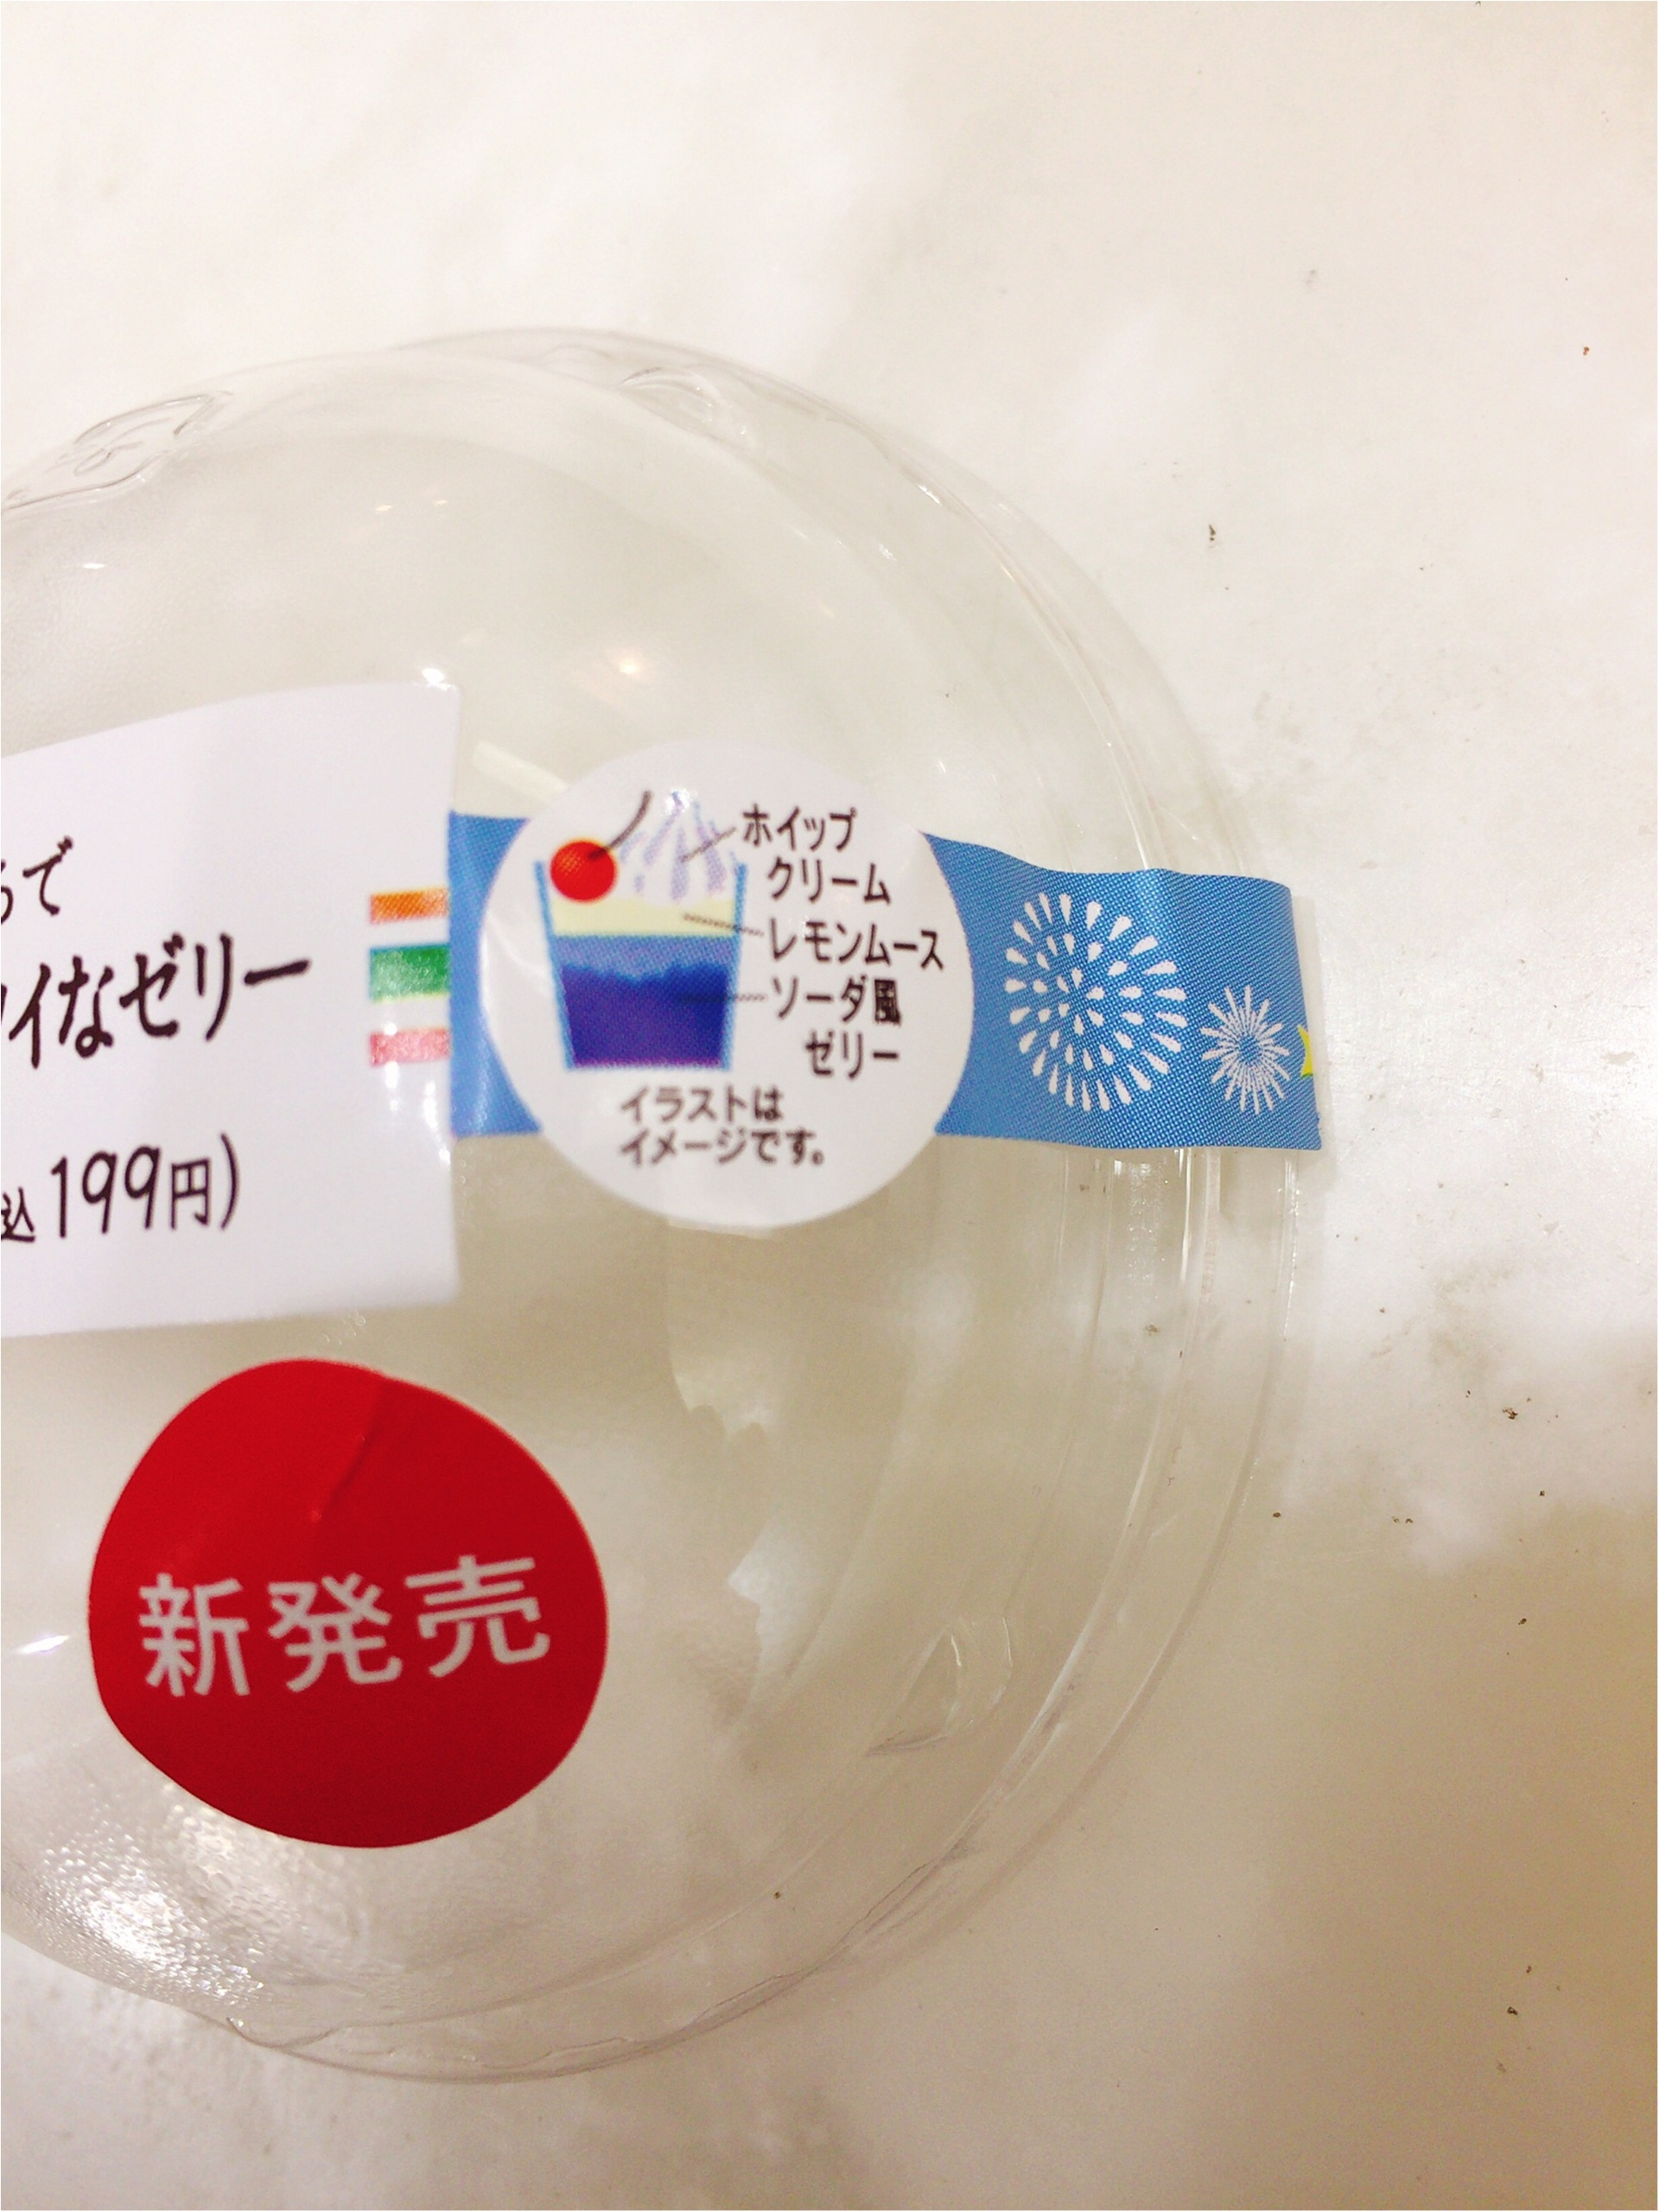 青空ゼリーで心も快晴!【新発売】まるでブルーハワイなゼリー☆_3